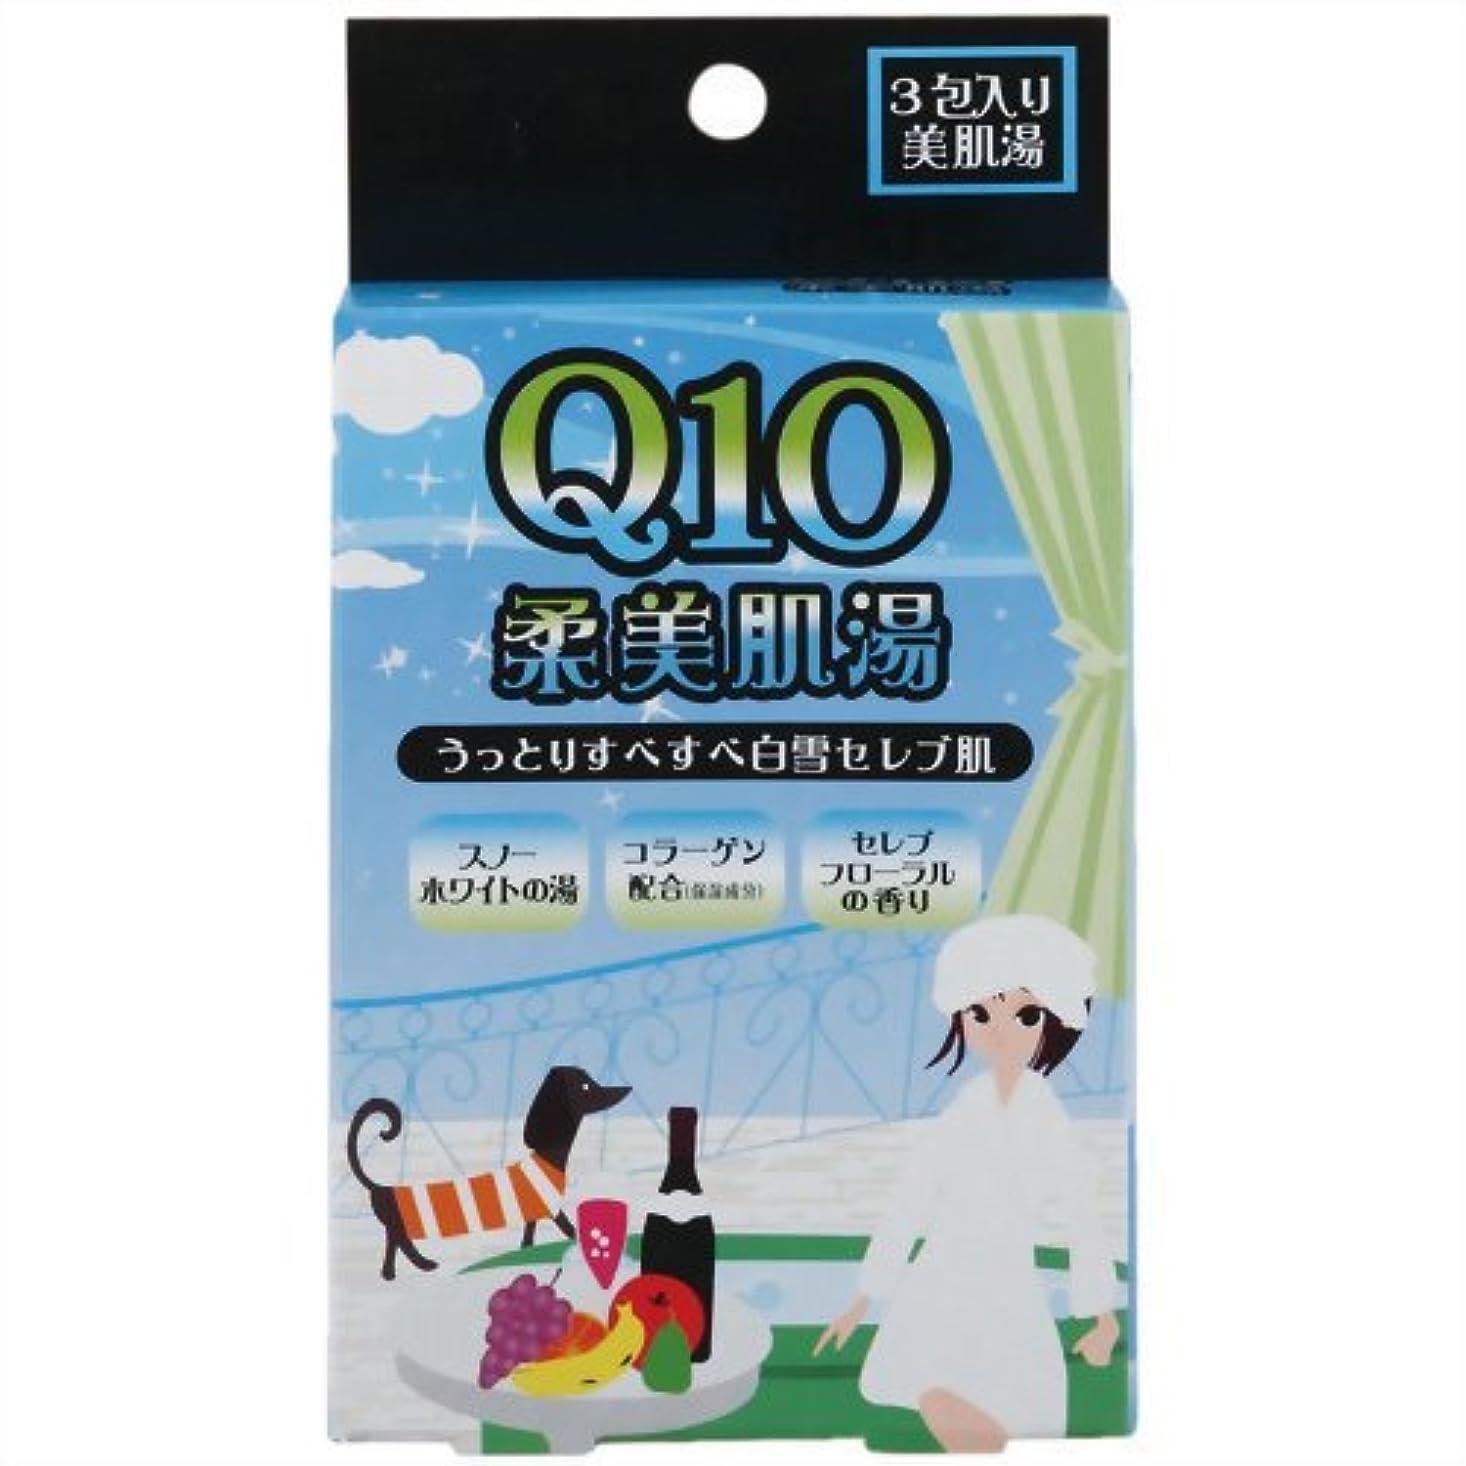 保守的多様な口述紀陽除虫菊 Q10 柔美肌湯 (セレブフローラルの香り)【まとめ買い10個セット】 N-8372